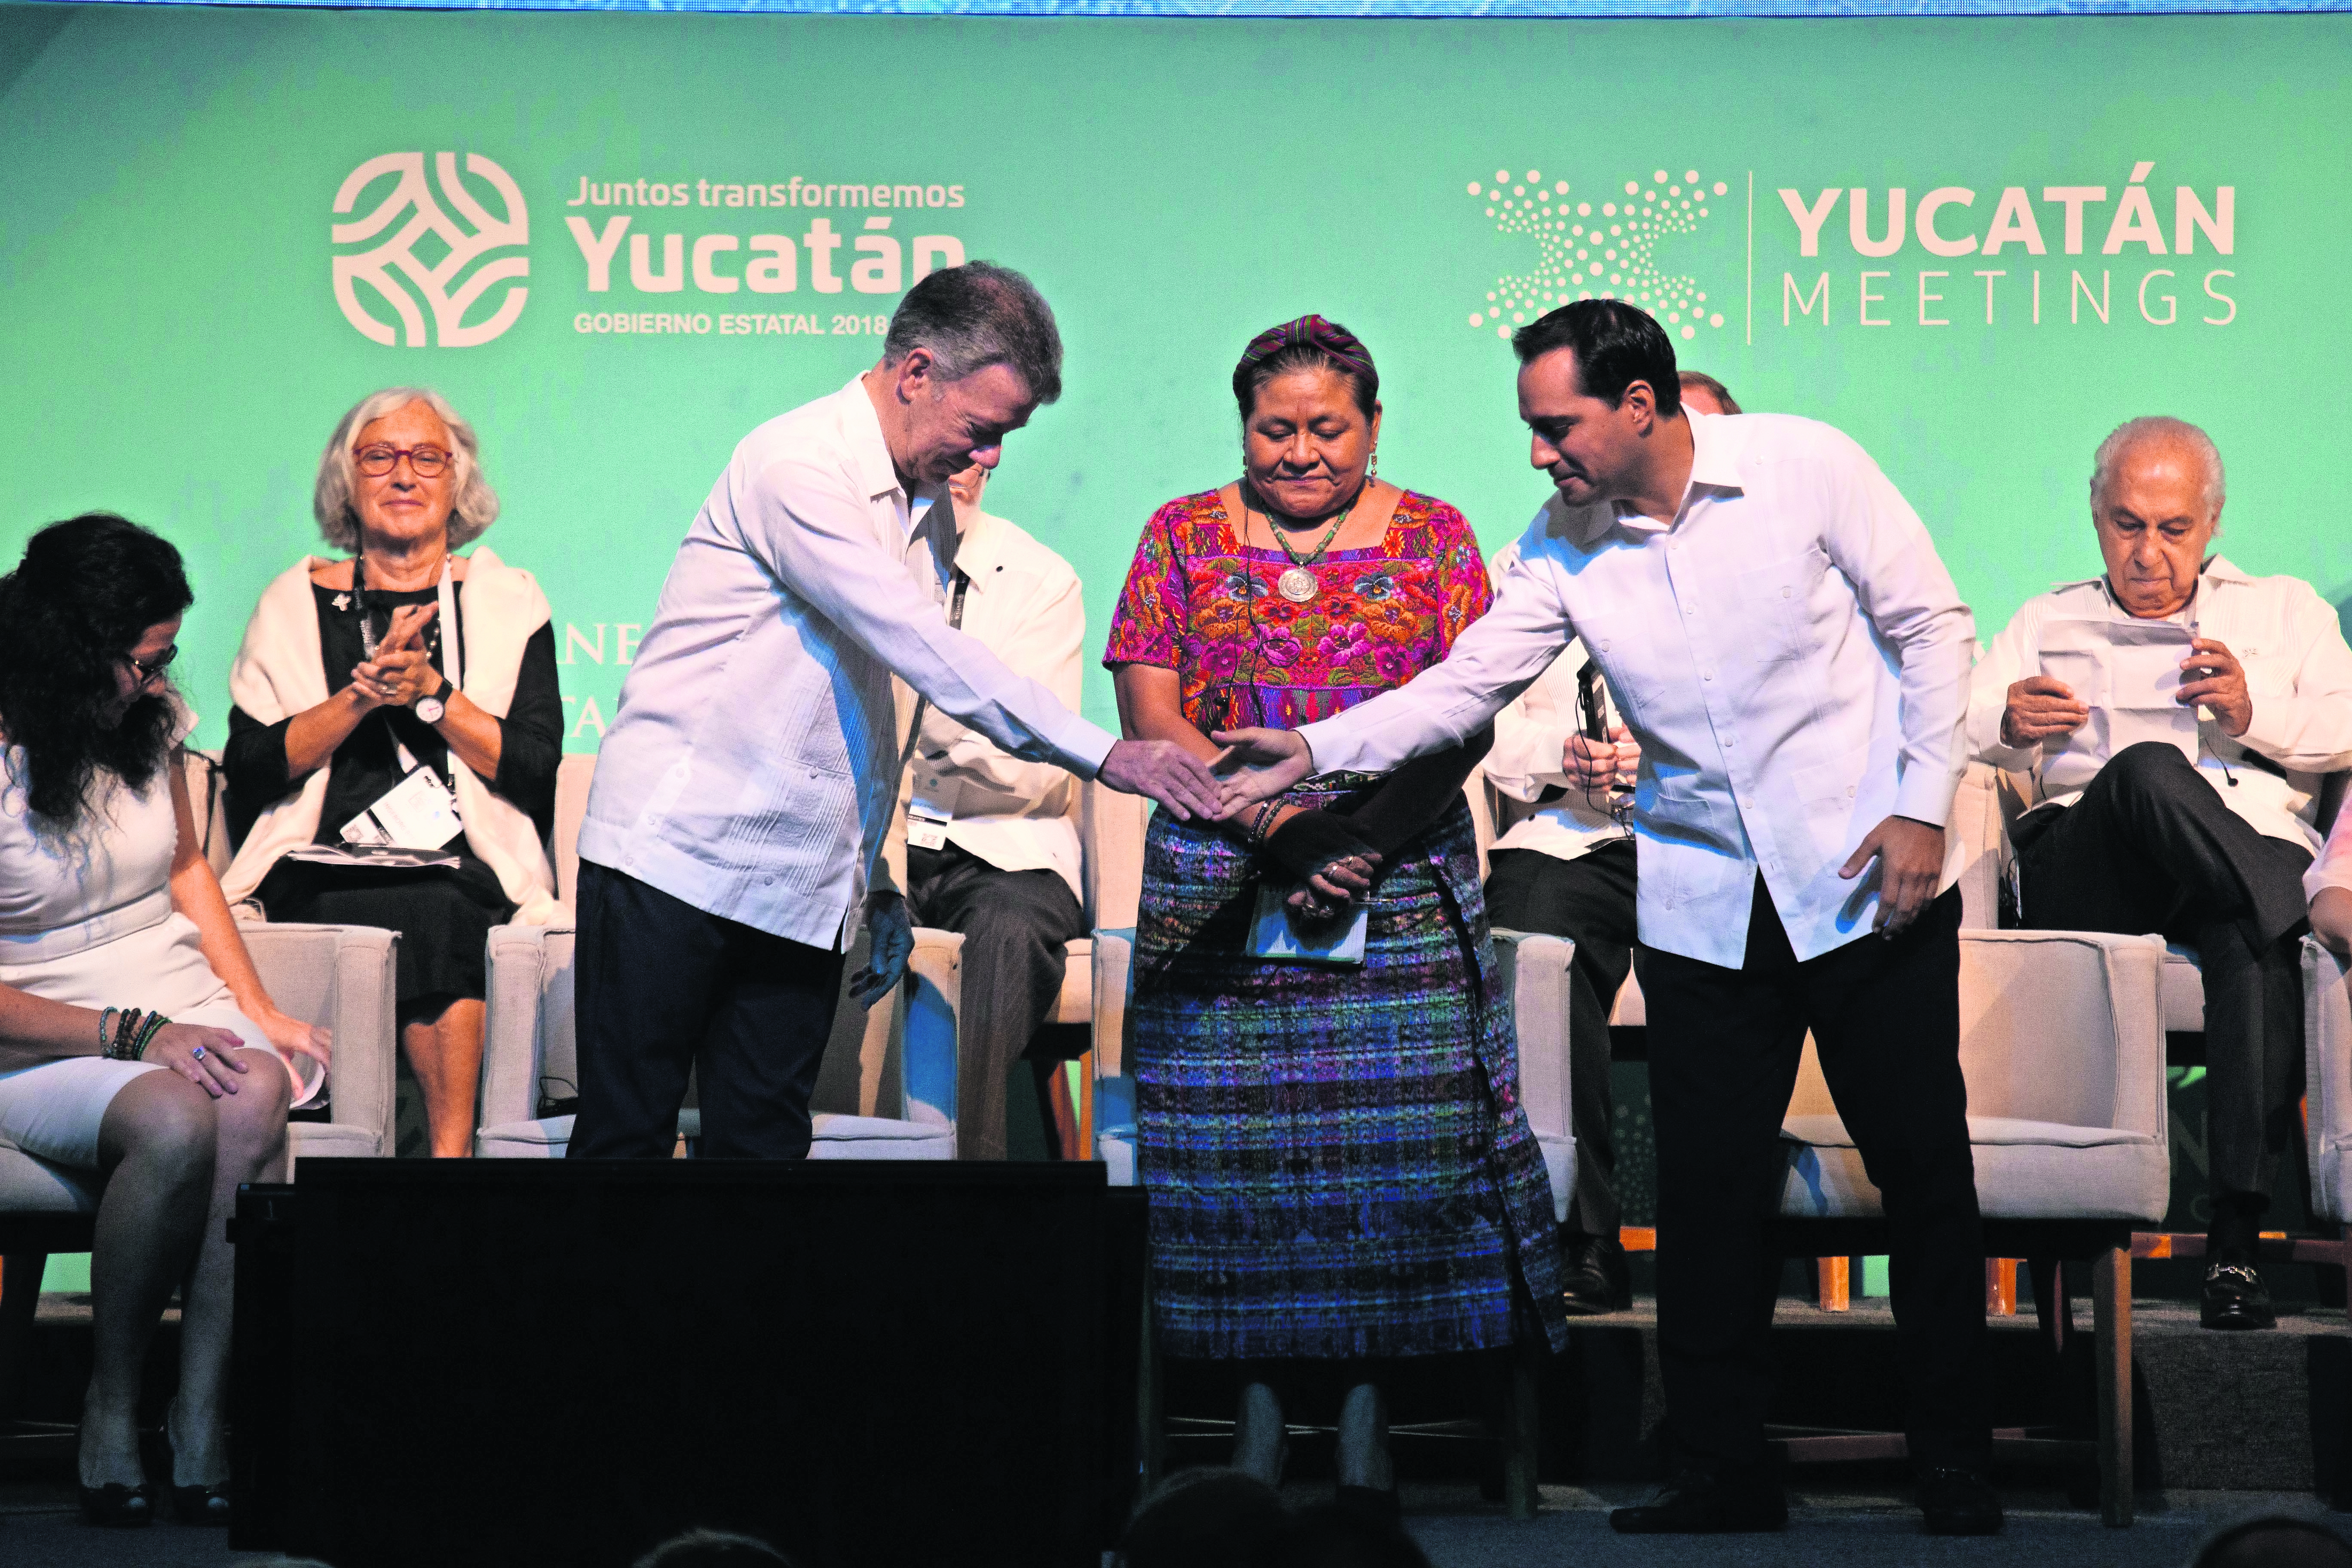 premios nobel paz trabajo infantil cambio climático